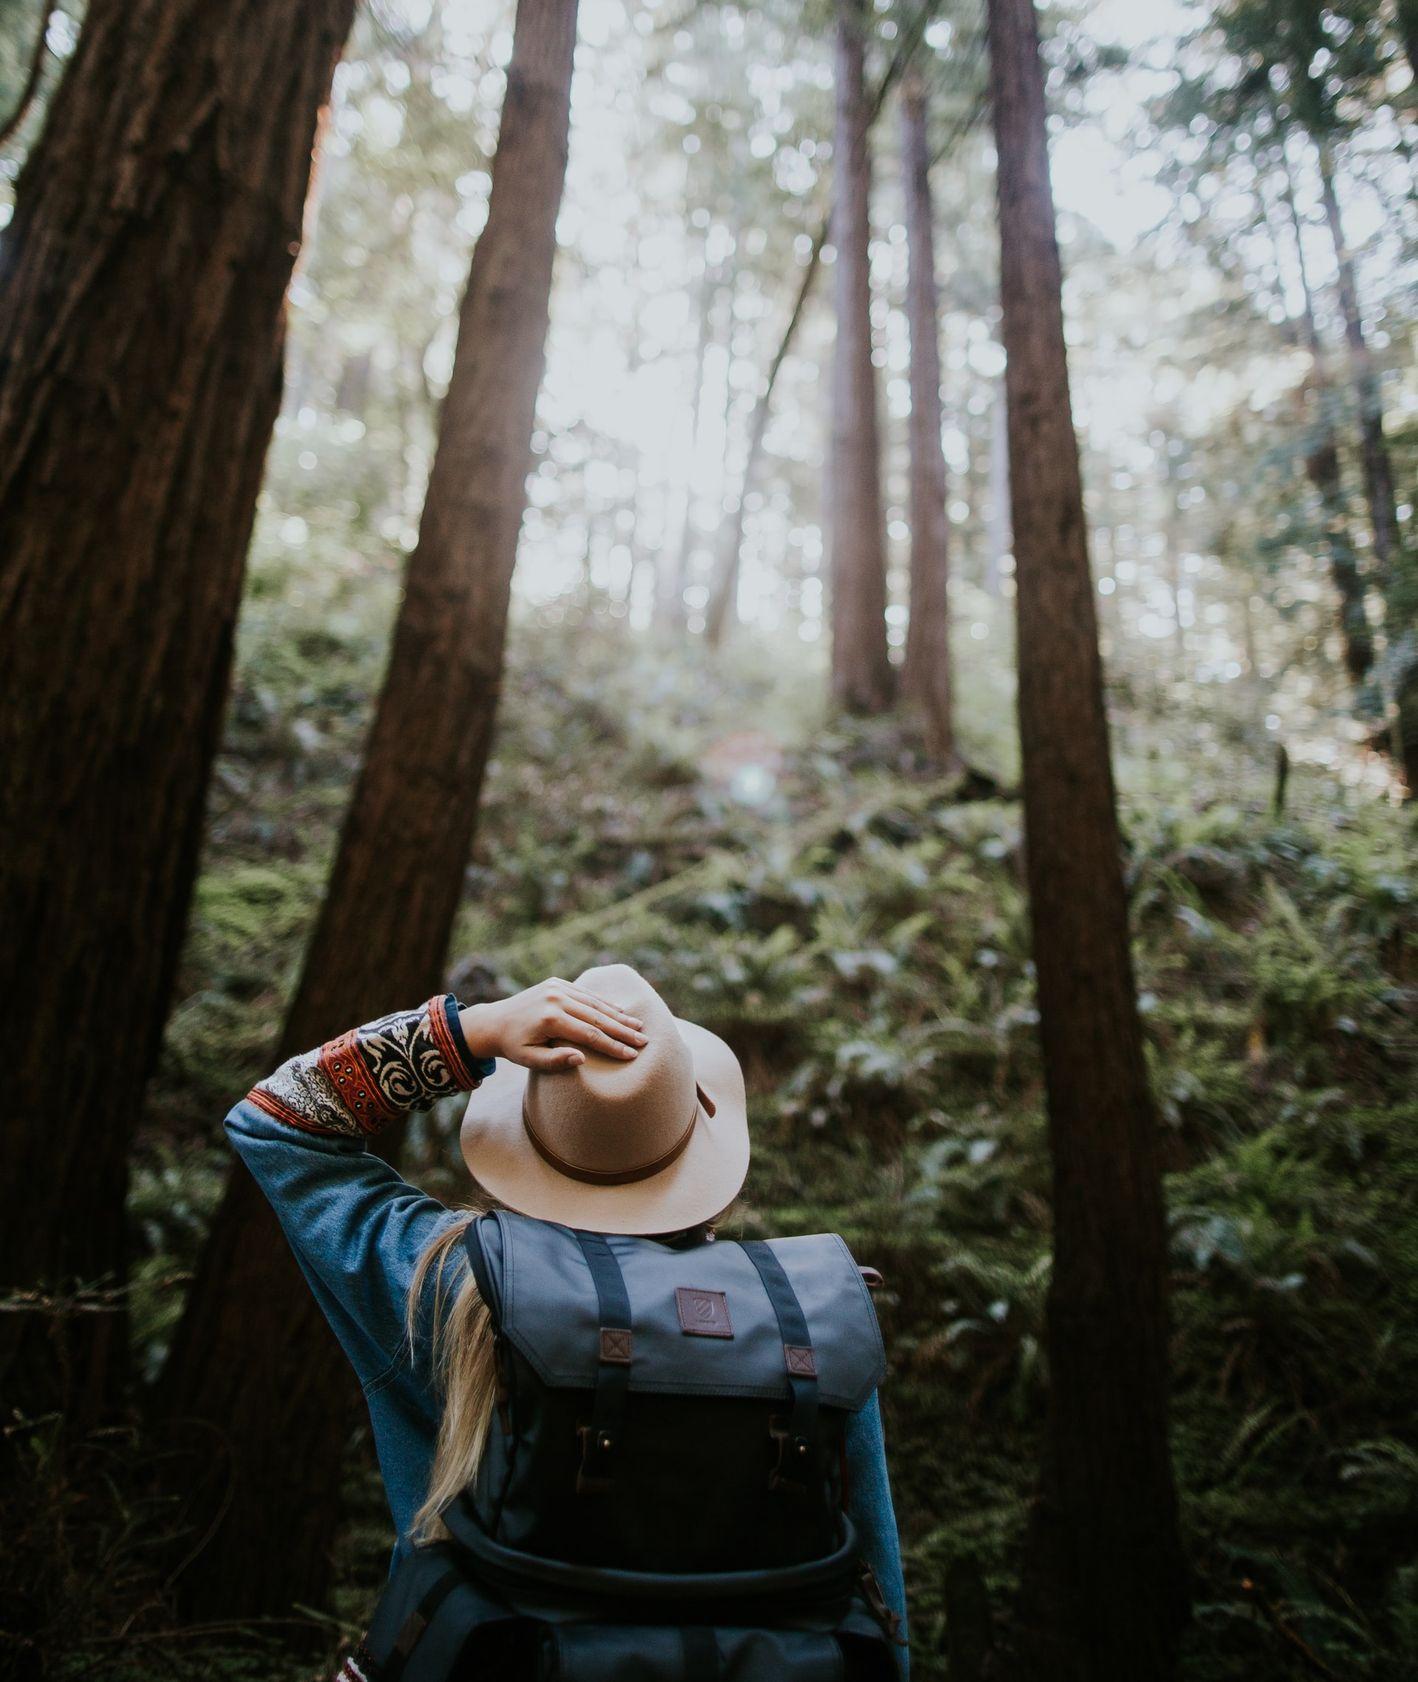 Odpoczynek na zewnątrz, plany na weekend, relaks, wydarzenia w mieście (fot. Ivana Cajina / unsplash.com)